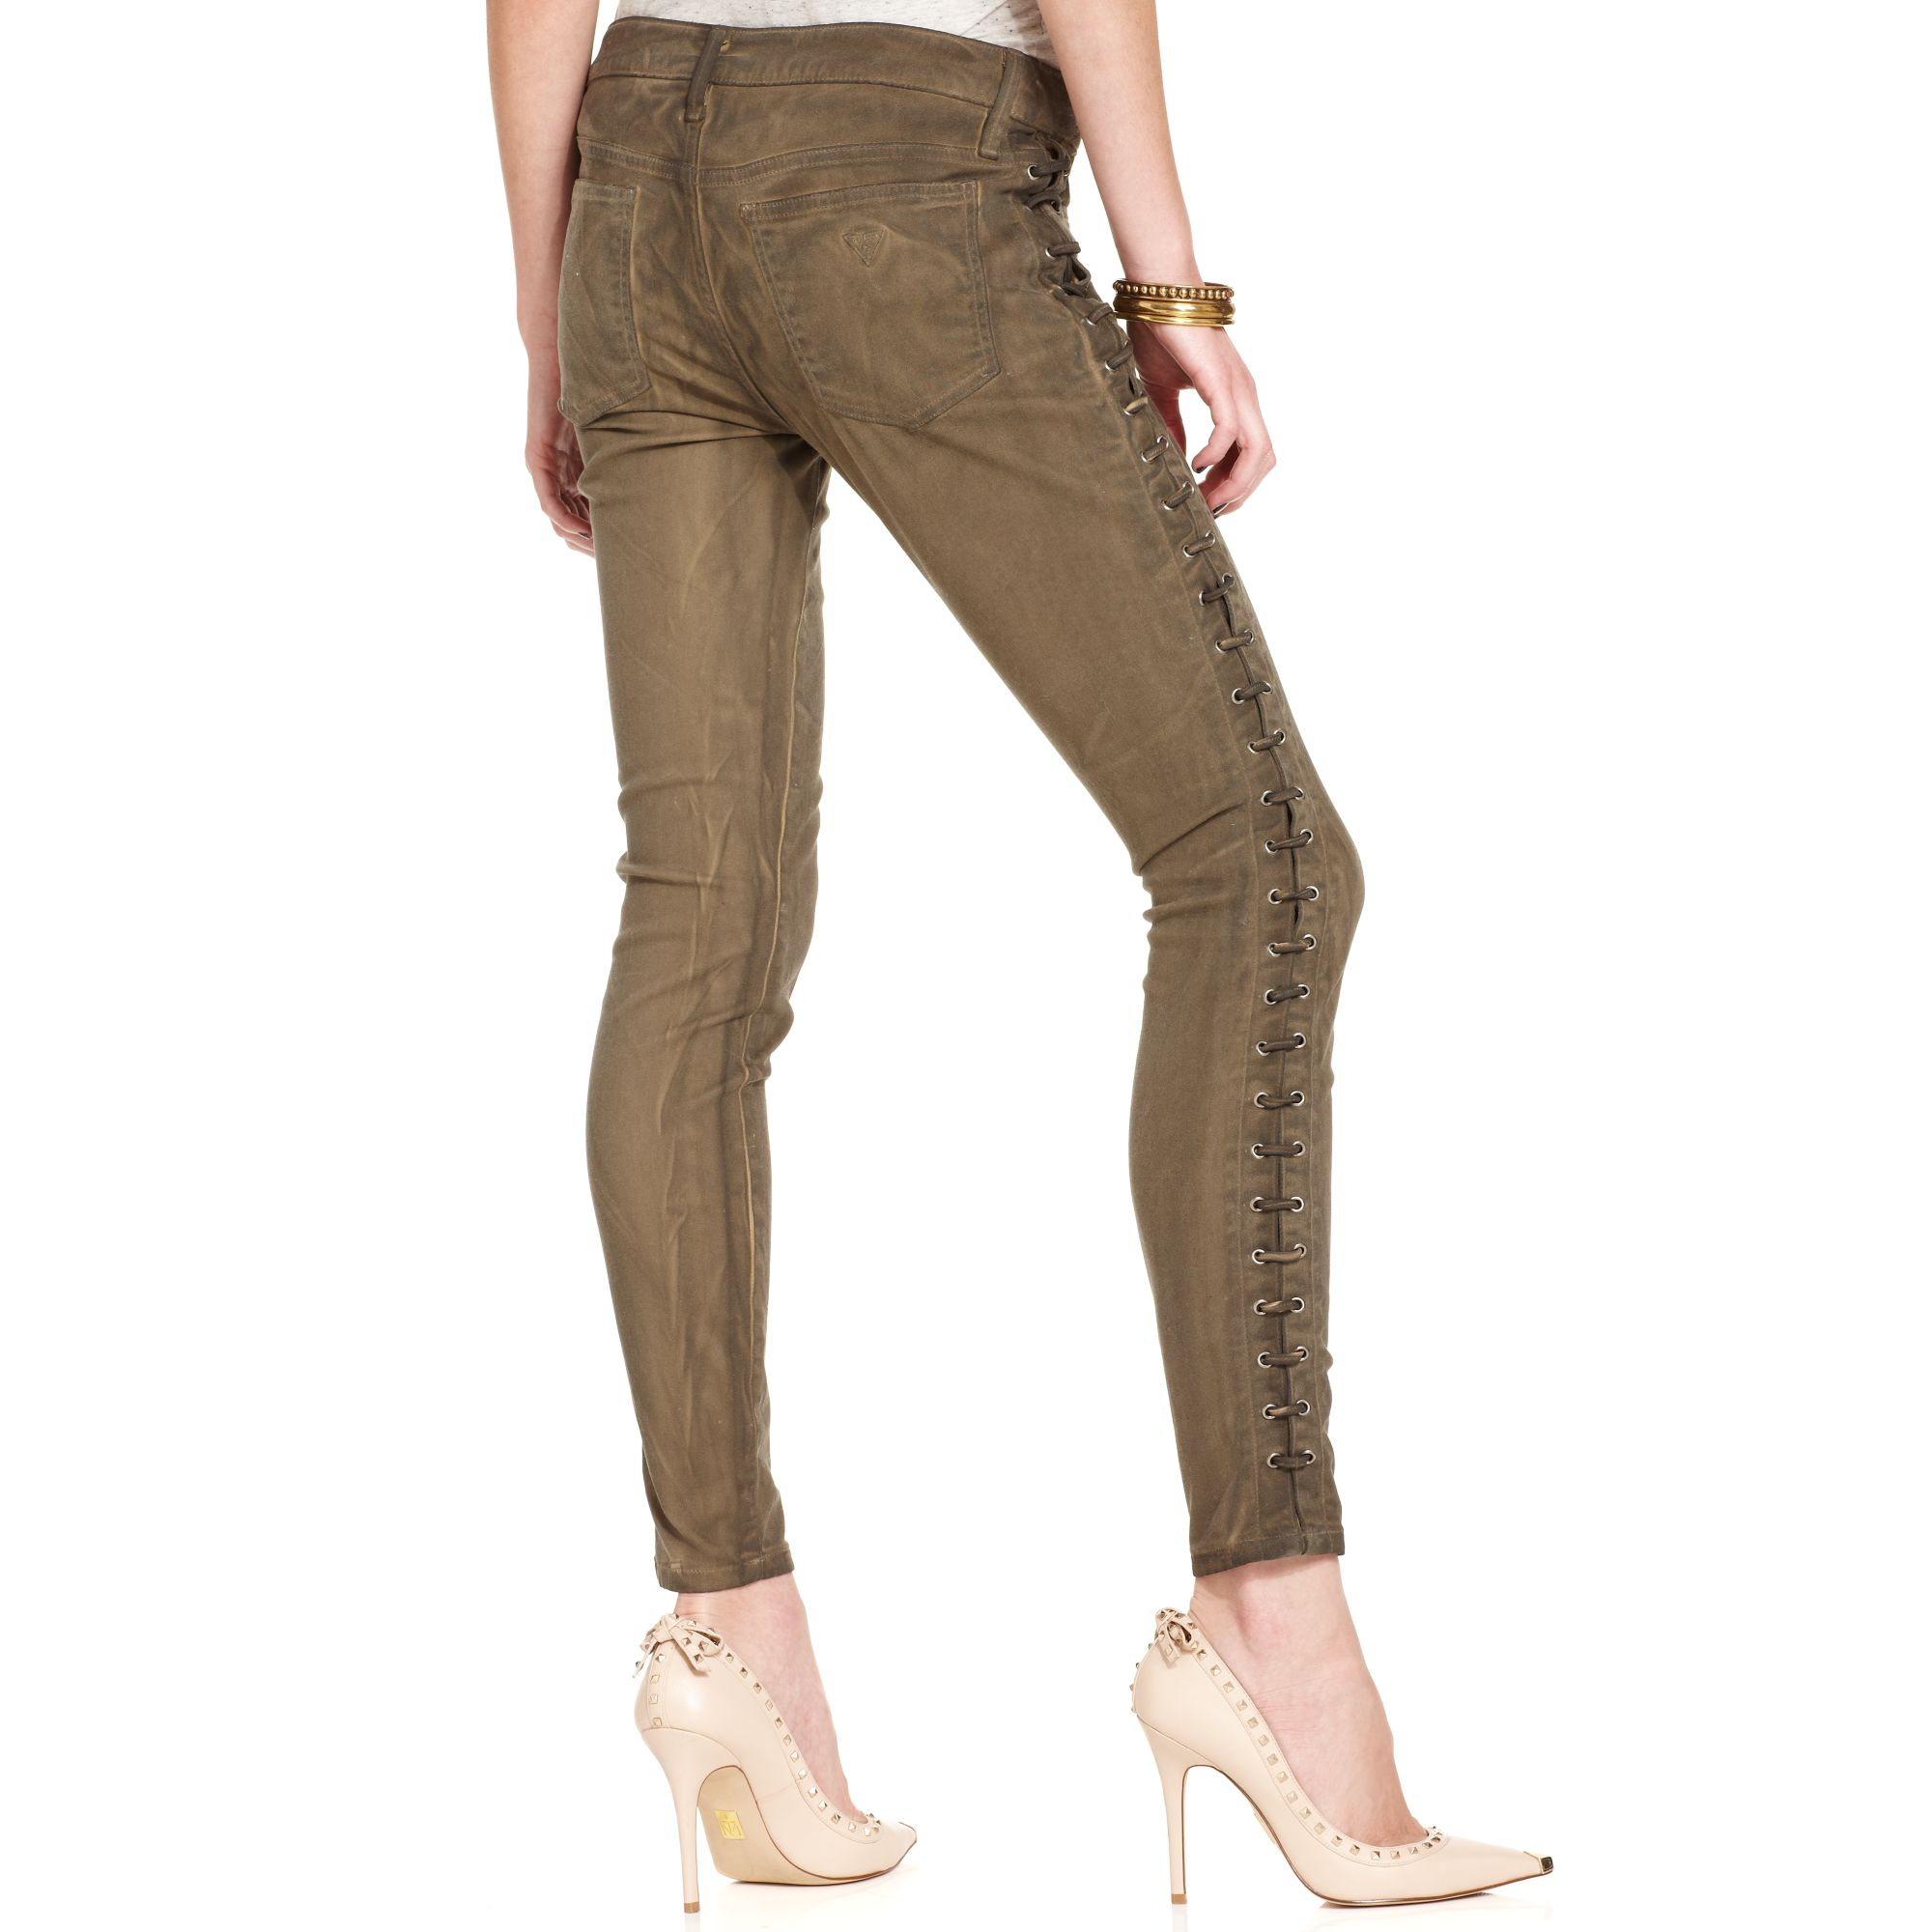 Low Rise Jeans Women